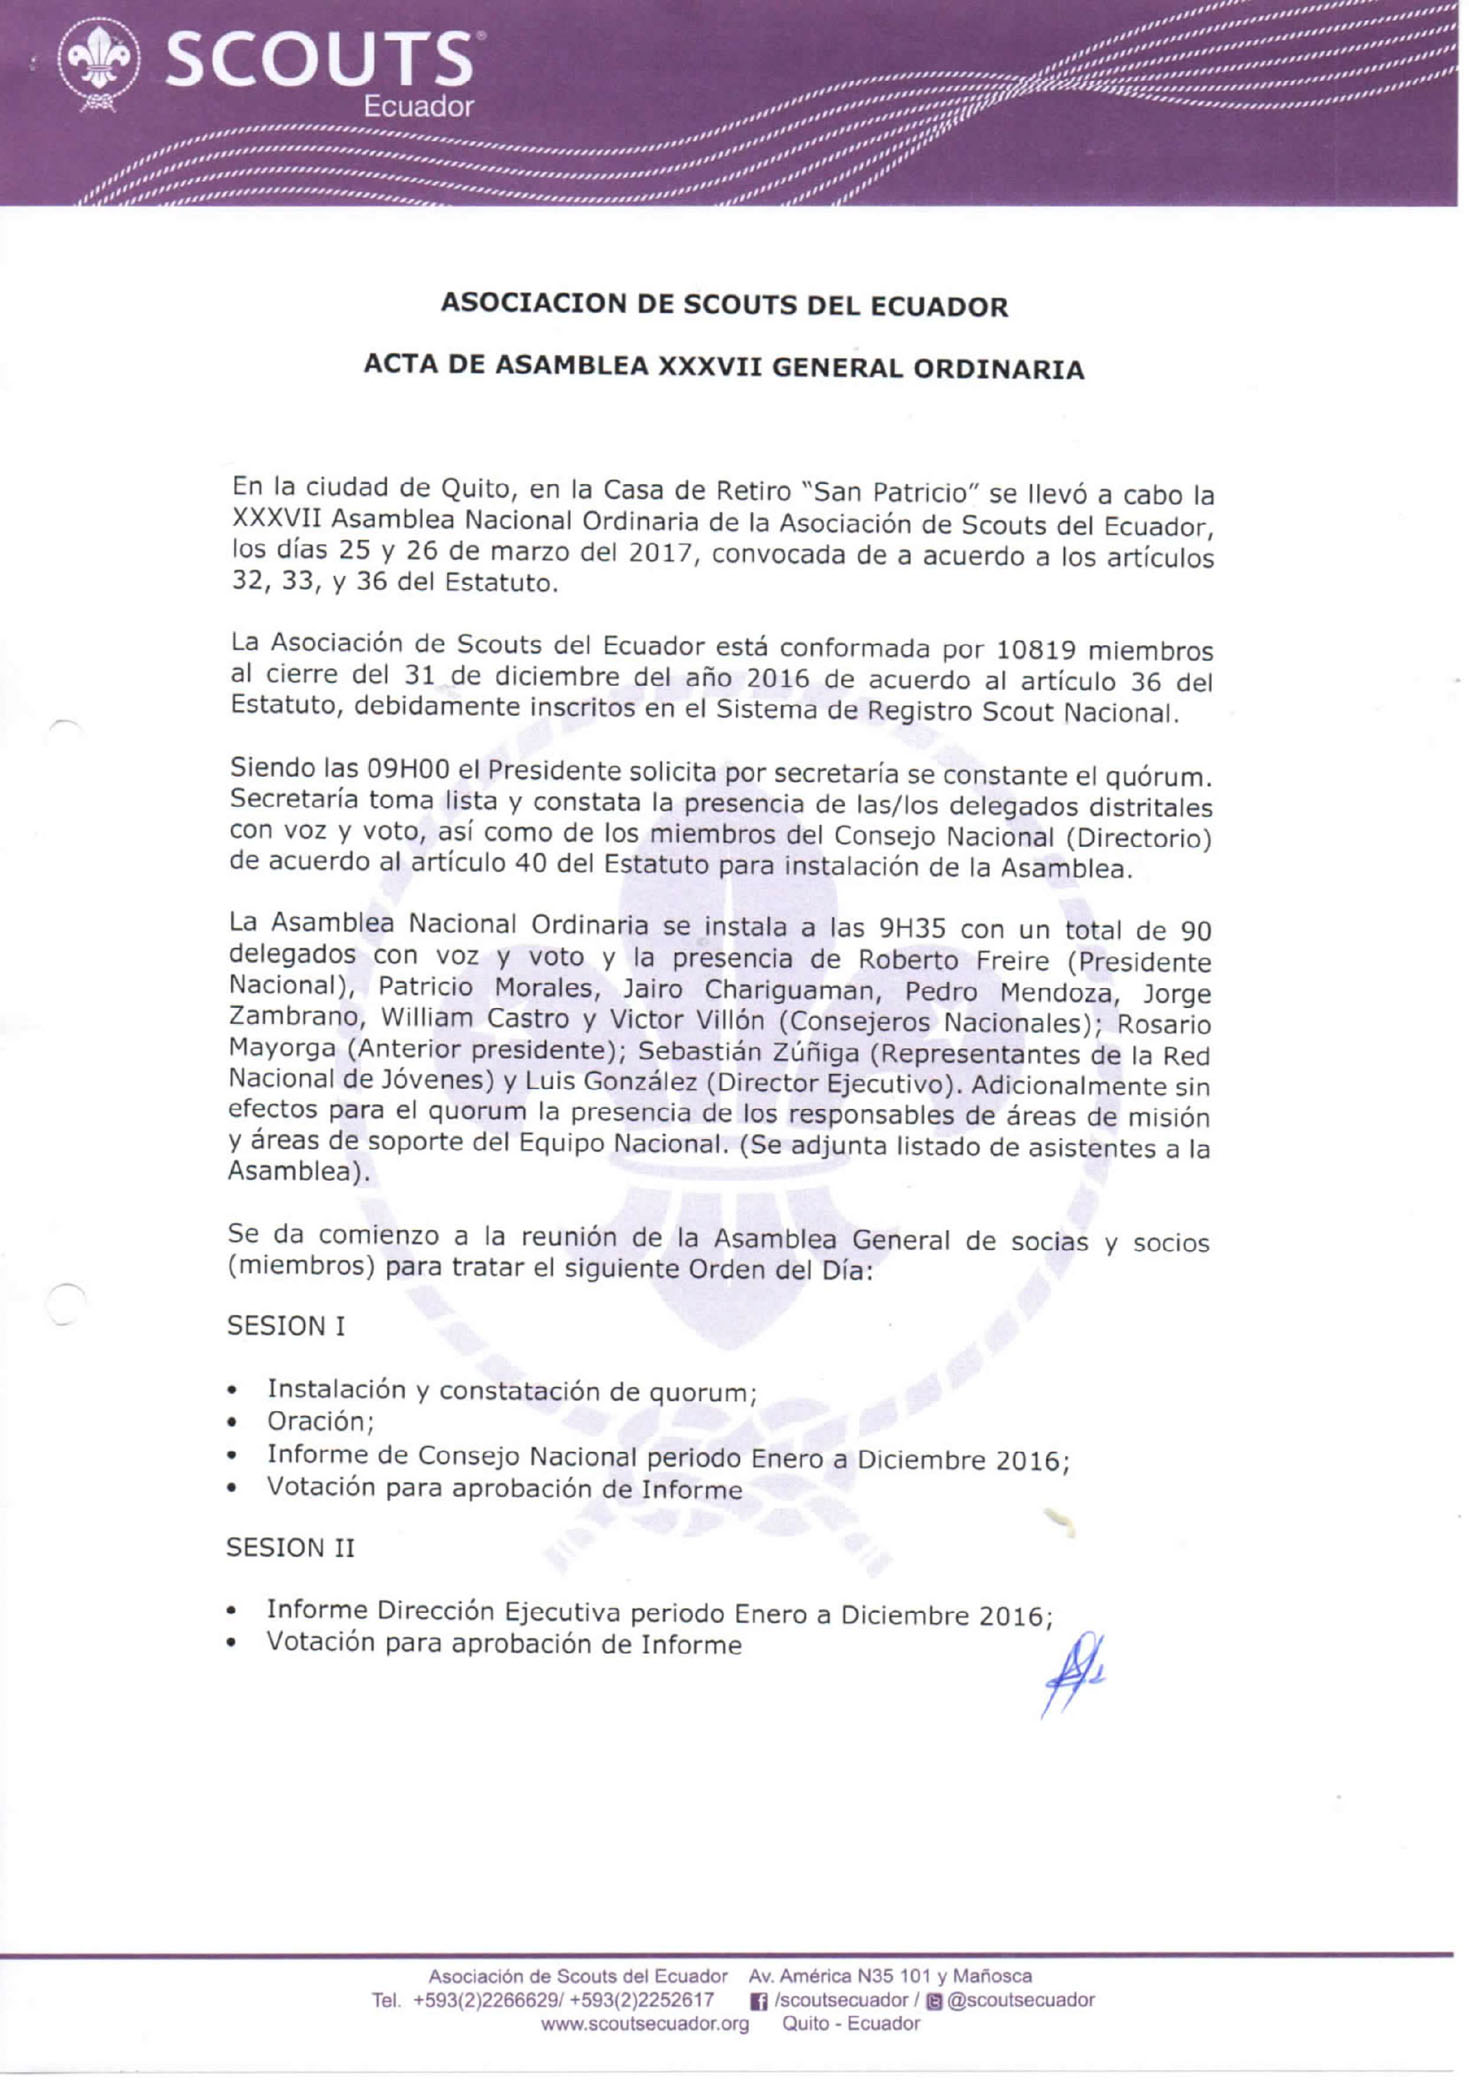 Acta Asamblea 2017